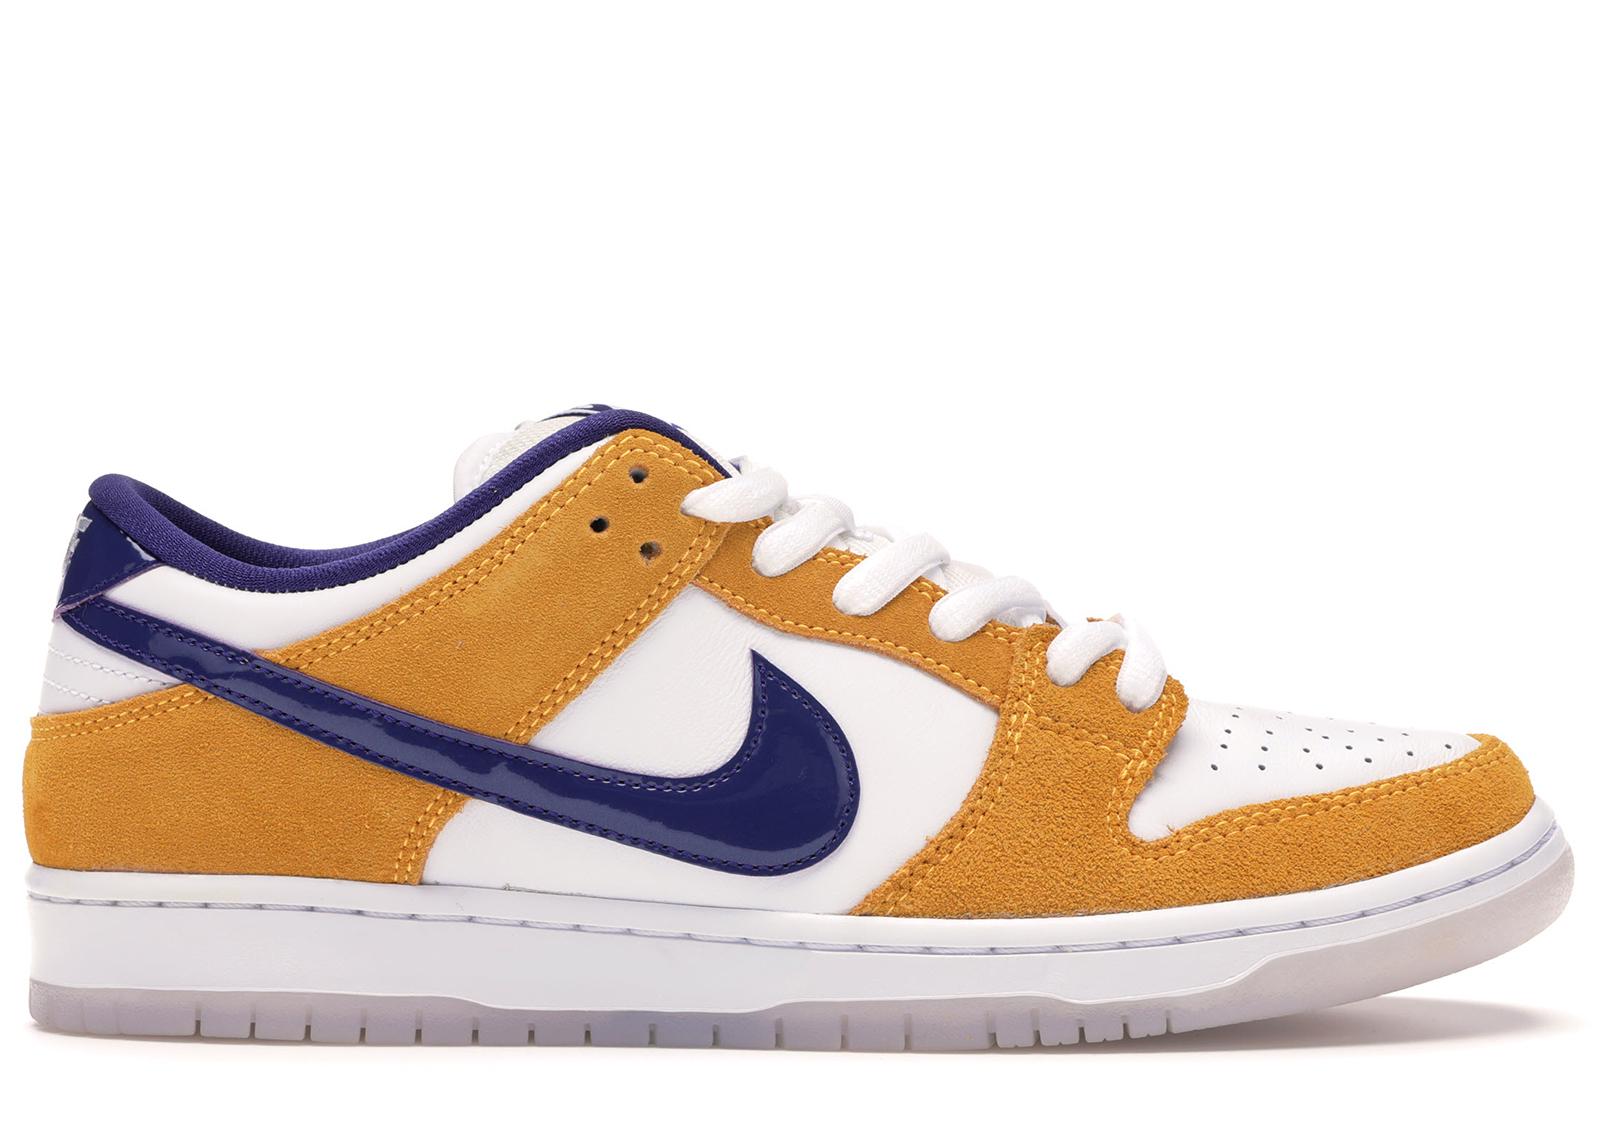 Nike SB Dunk Low Laser Orange - BQ6817-800